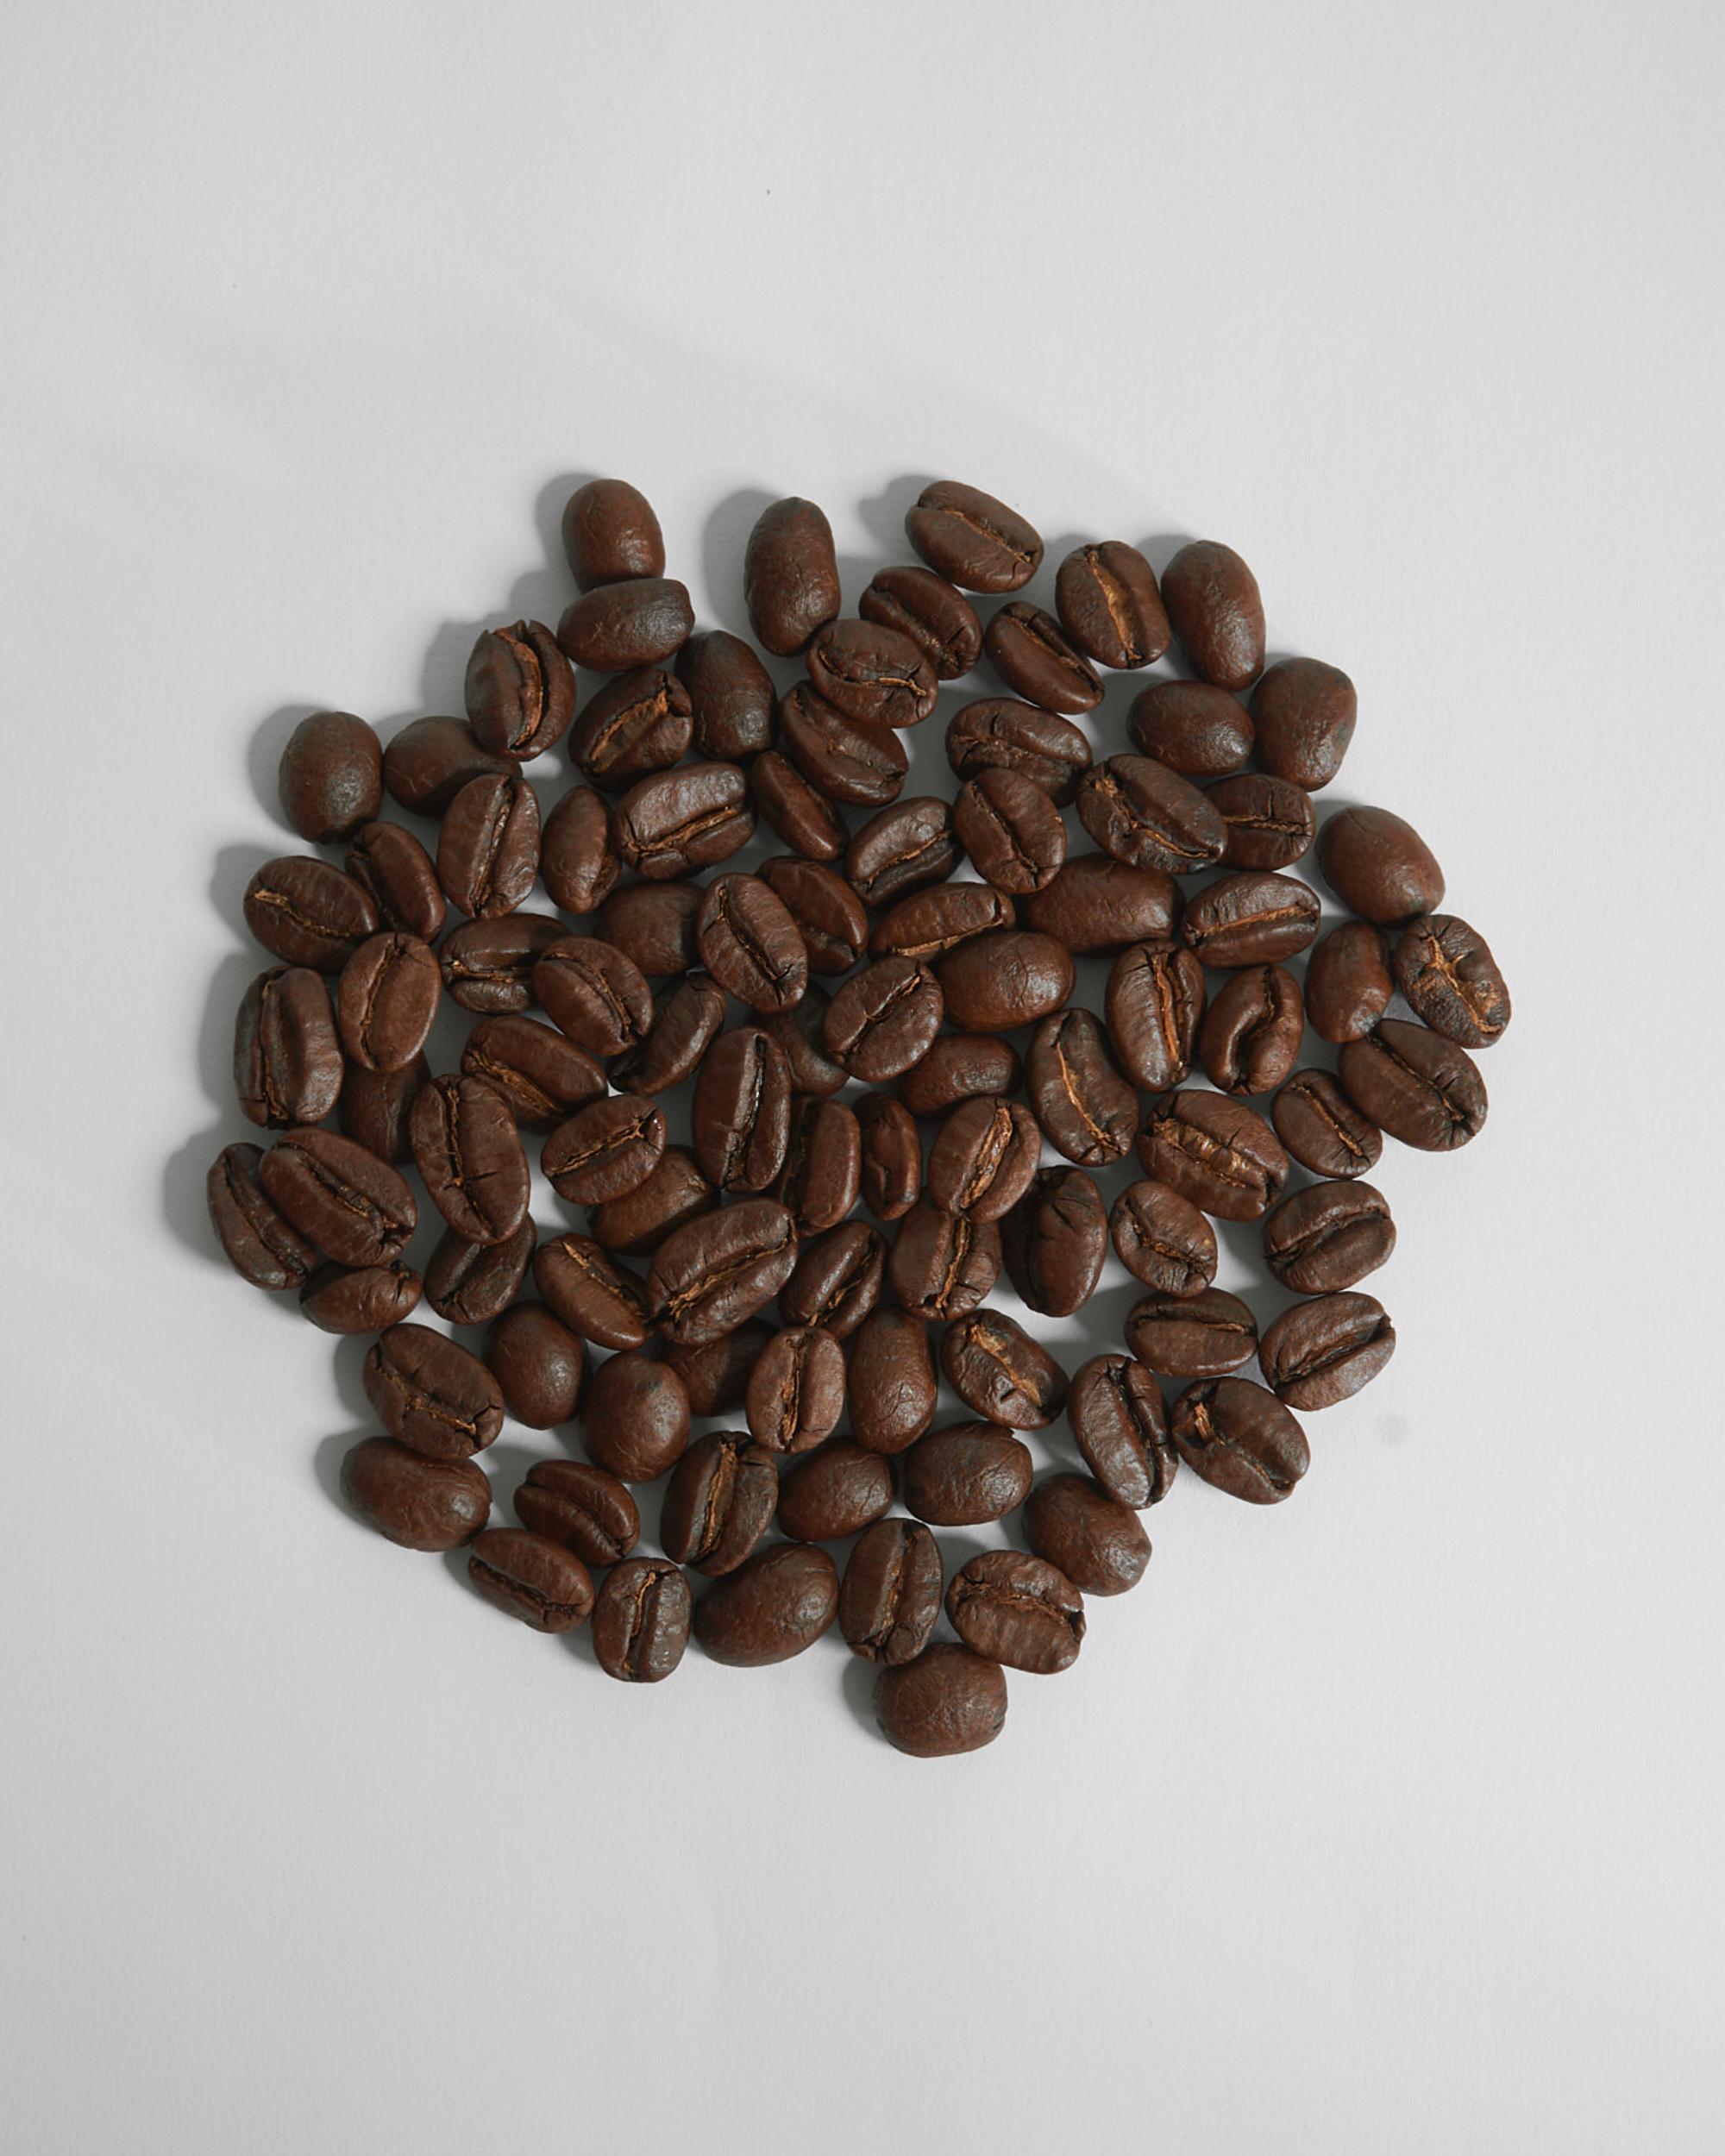 Estate Coffee-prev-3